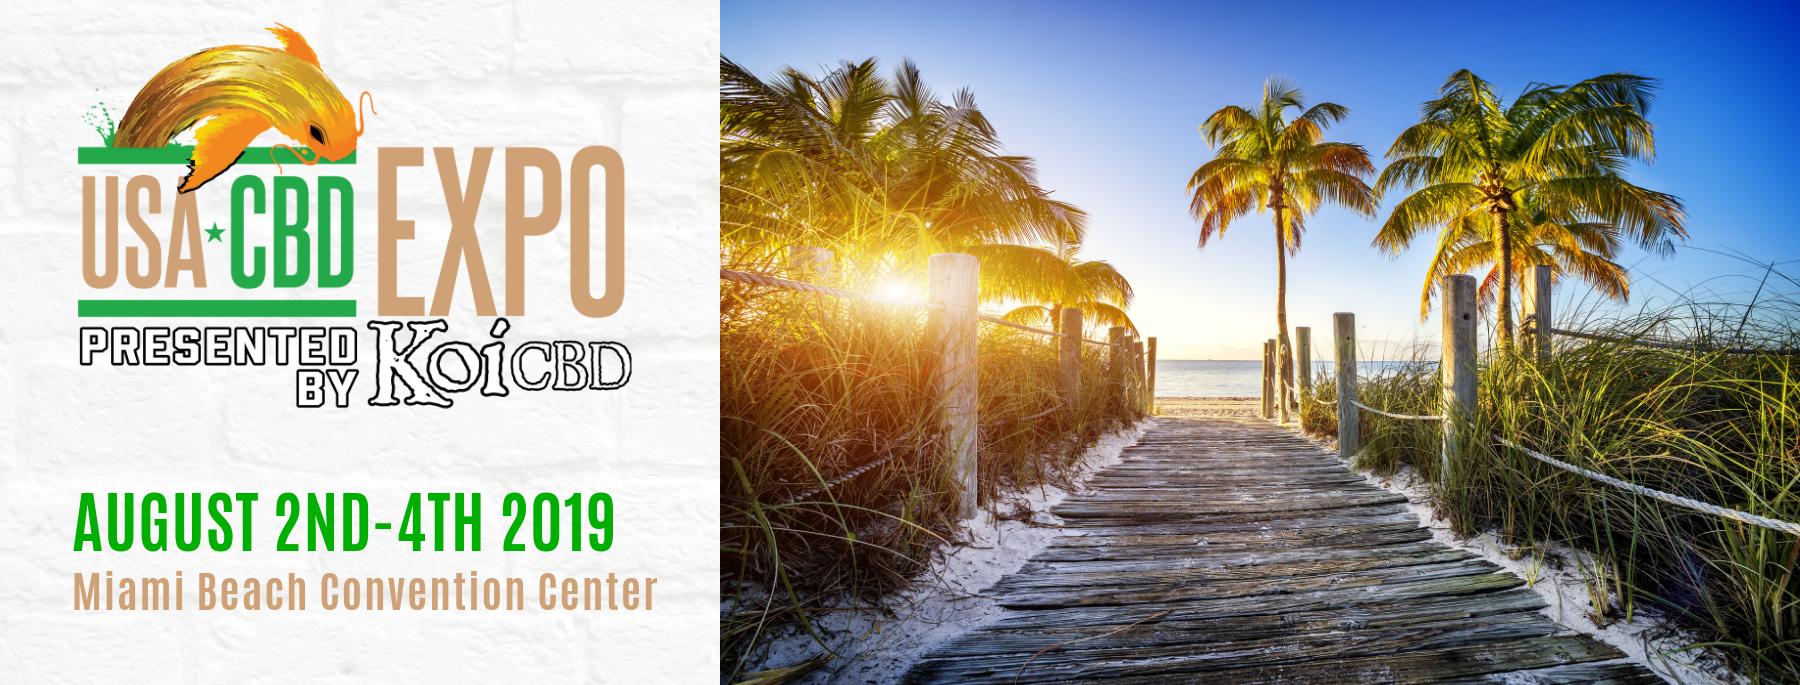 USA CBD Expo 2019 Miami Florida - Cannabis, Hemp & CBD Expo Event 2019